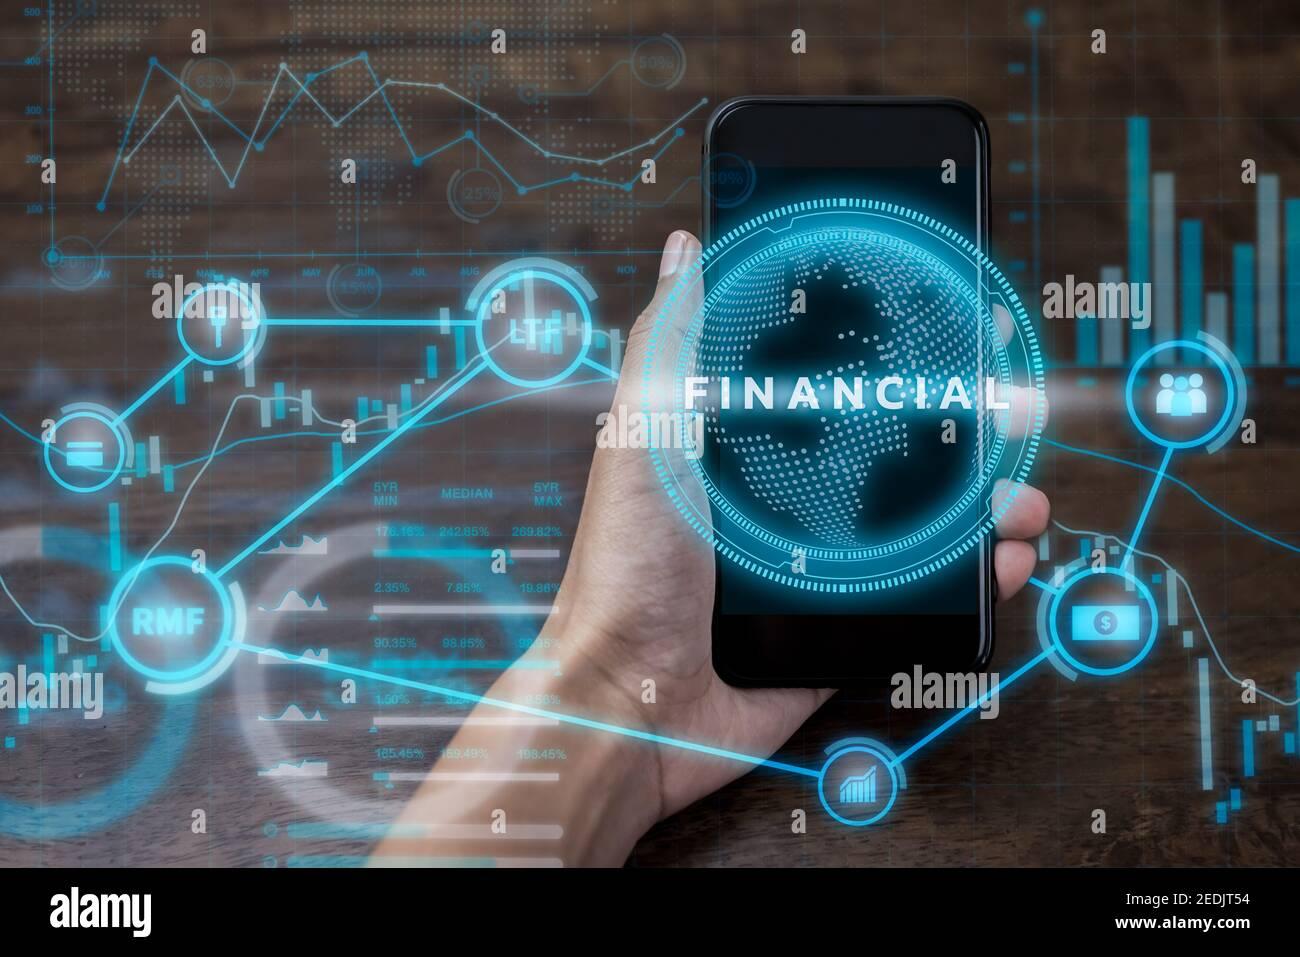 Smartphone de mano con futurista tecnología financiera y de inversión digital pantalla de datos, concepto fintech Foto de stock